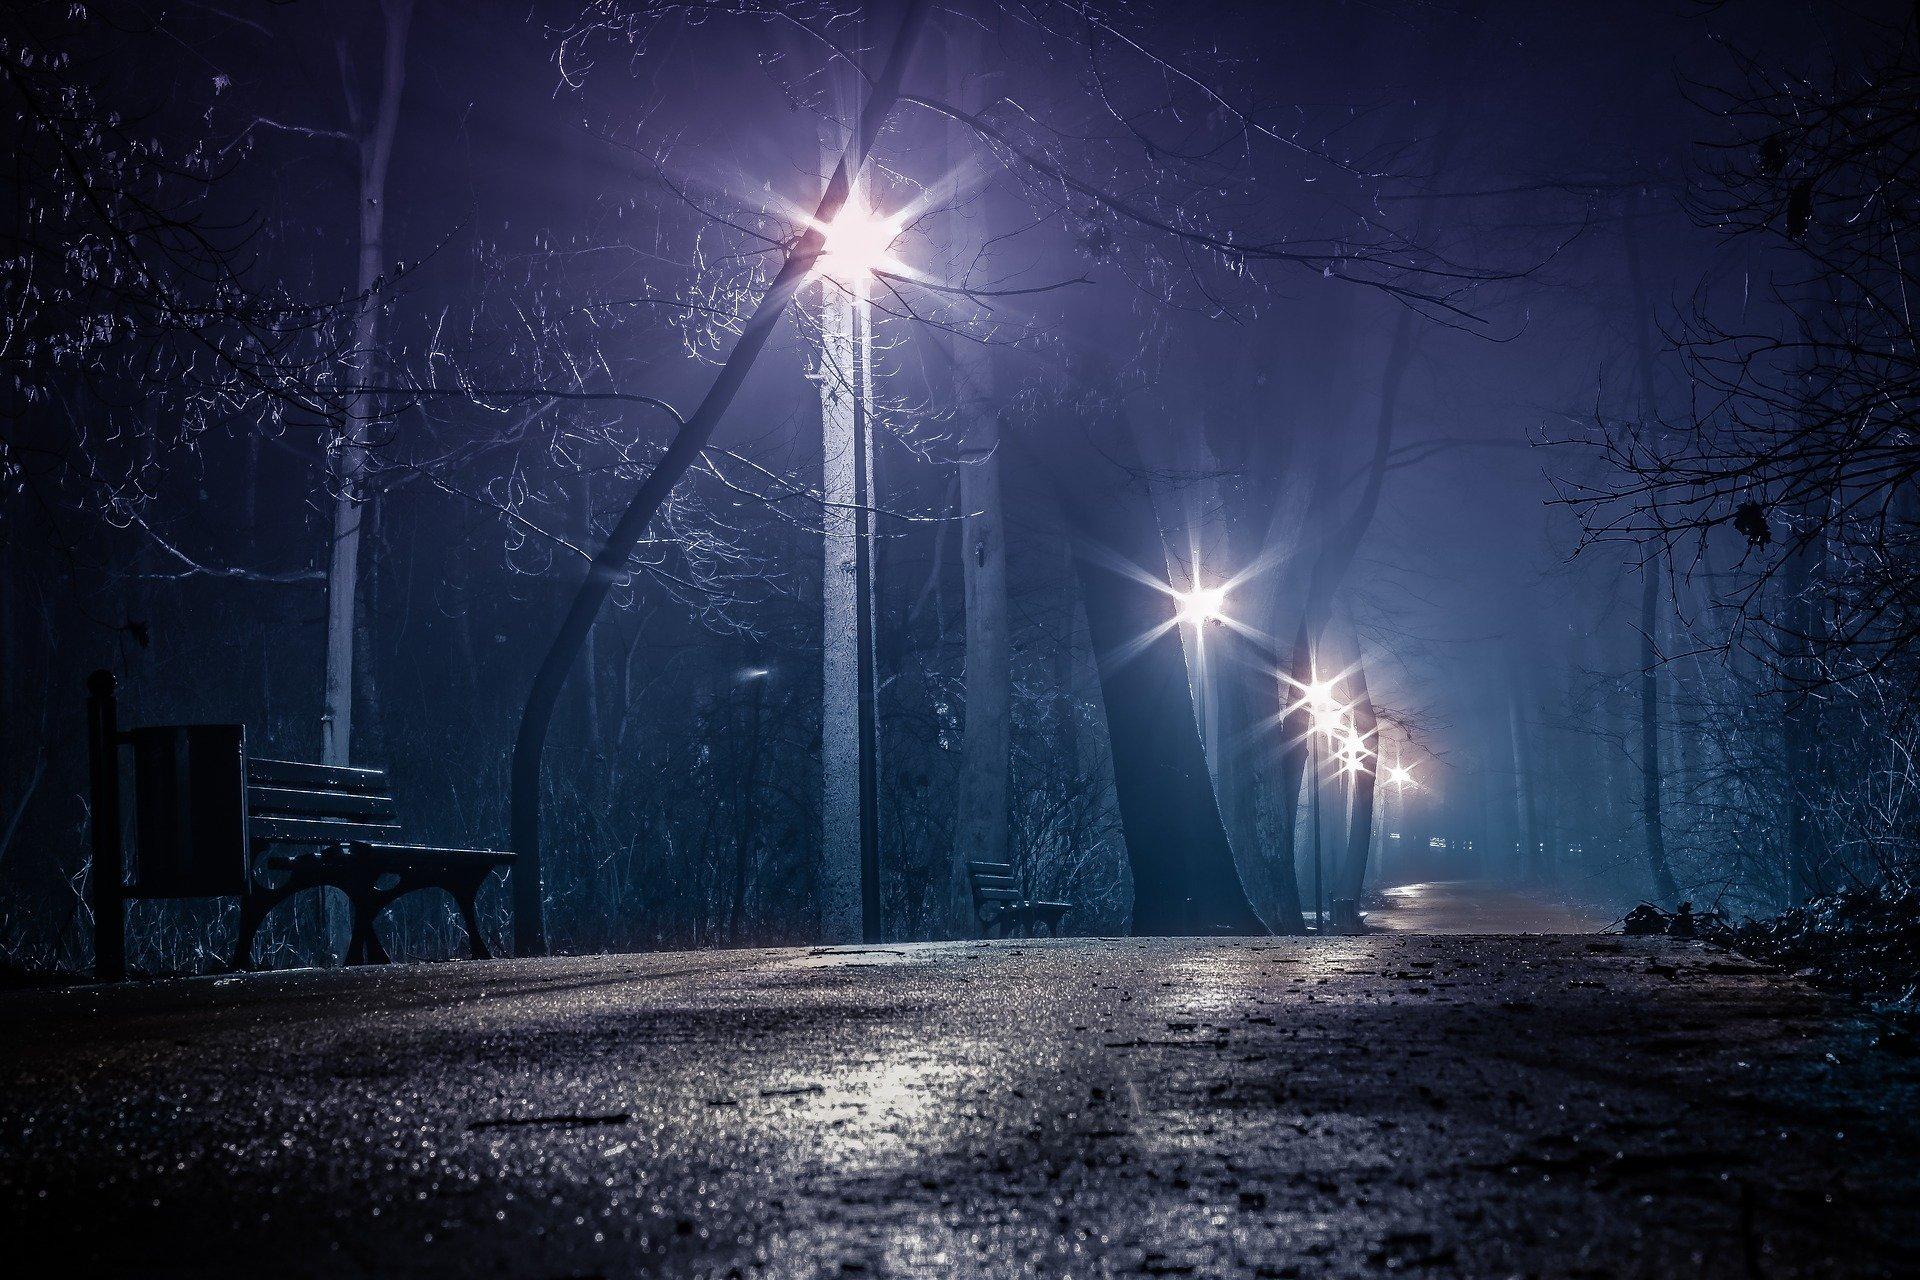 Parque oscuro en la noche. Fuente: Pixabay